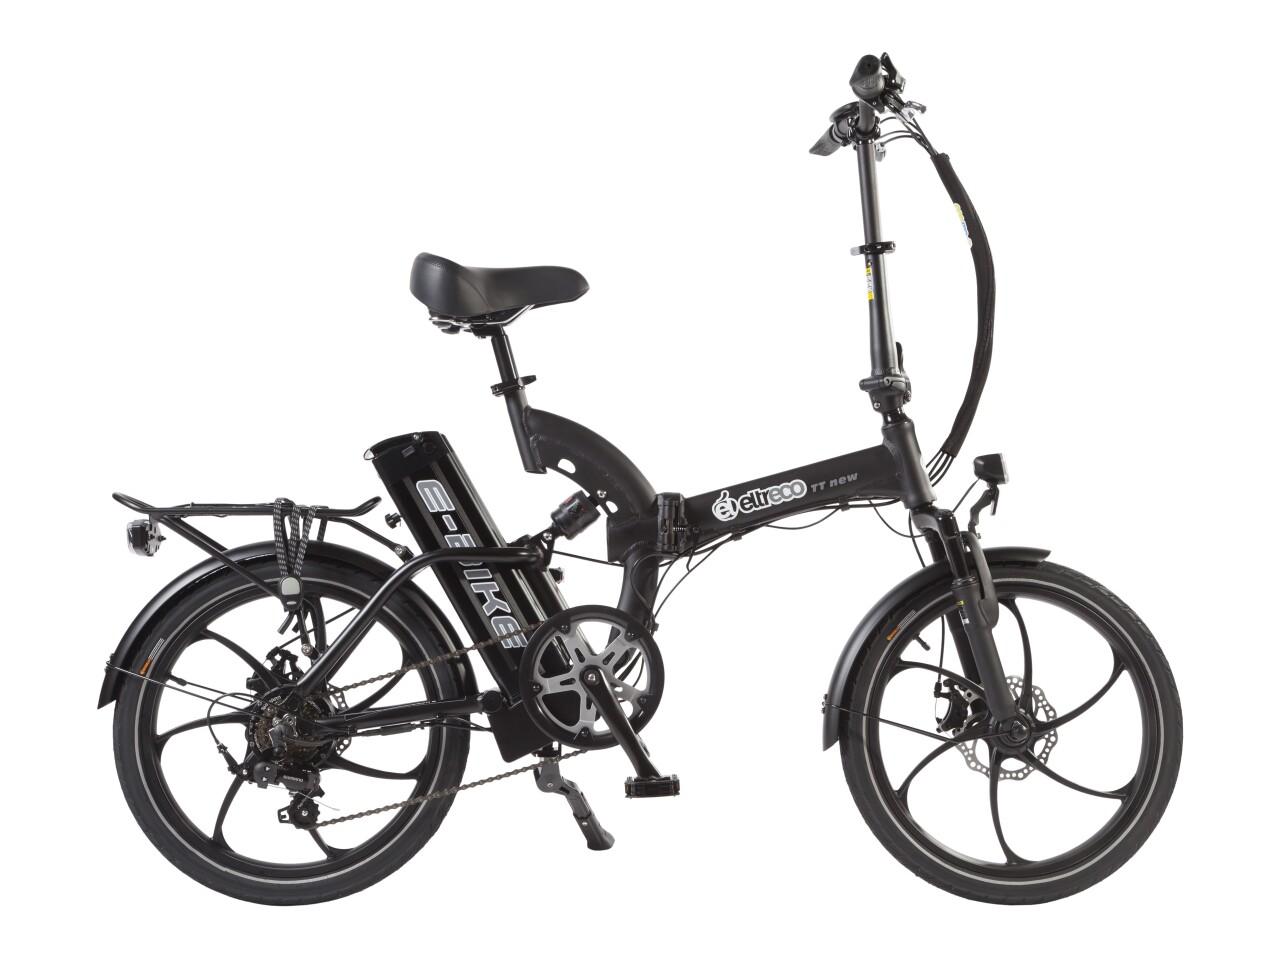 Велосипед Eltreco TT 500W SPOKE (2016) велосипед eltreco vector 500w 2017